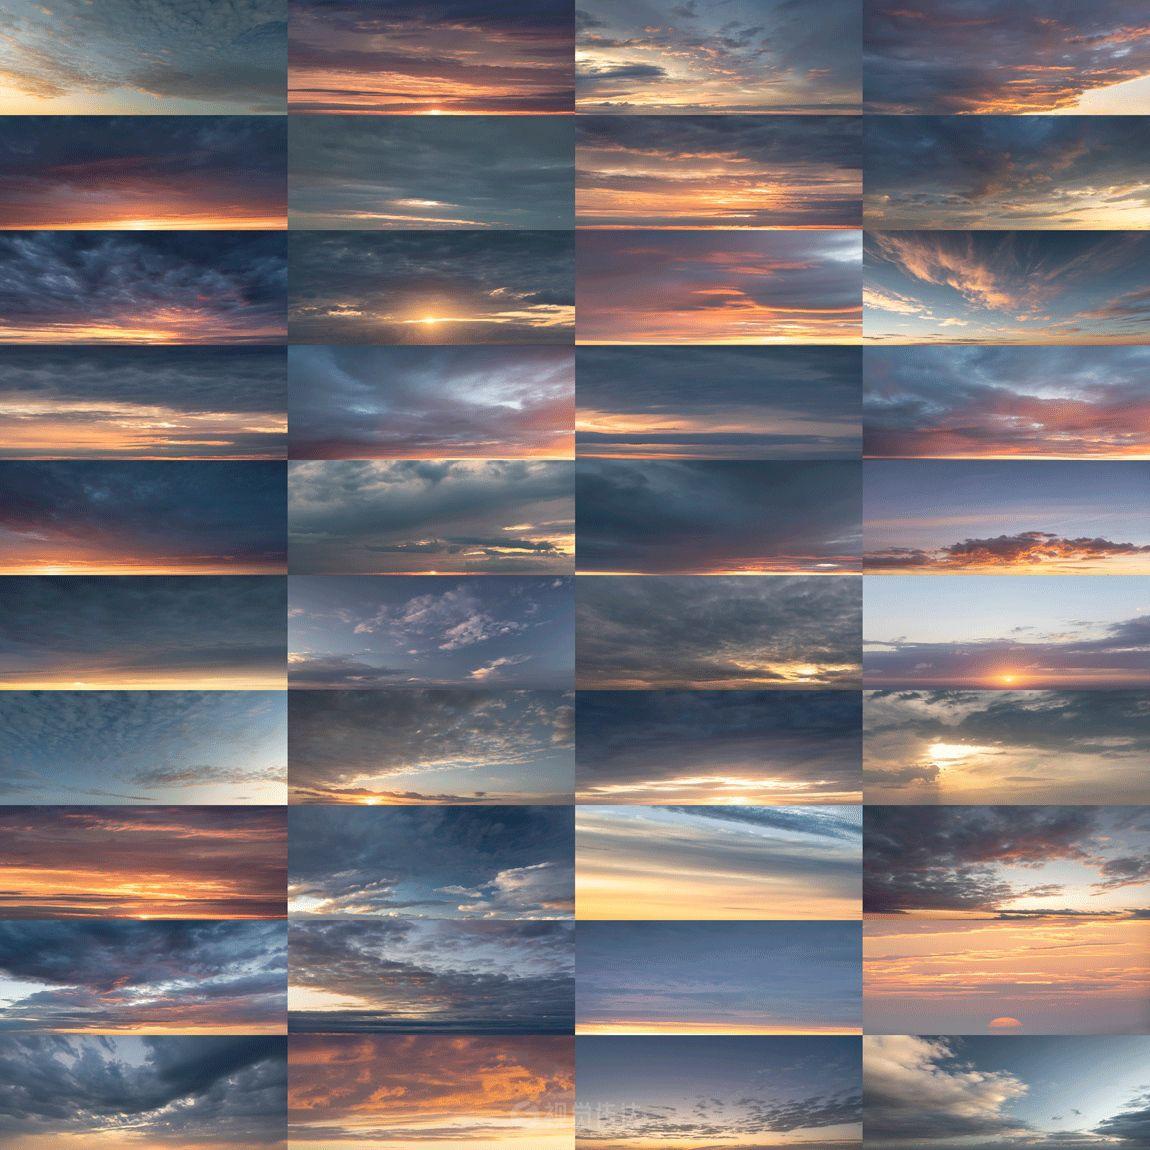 完整的天空图片合集